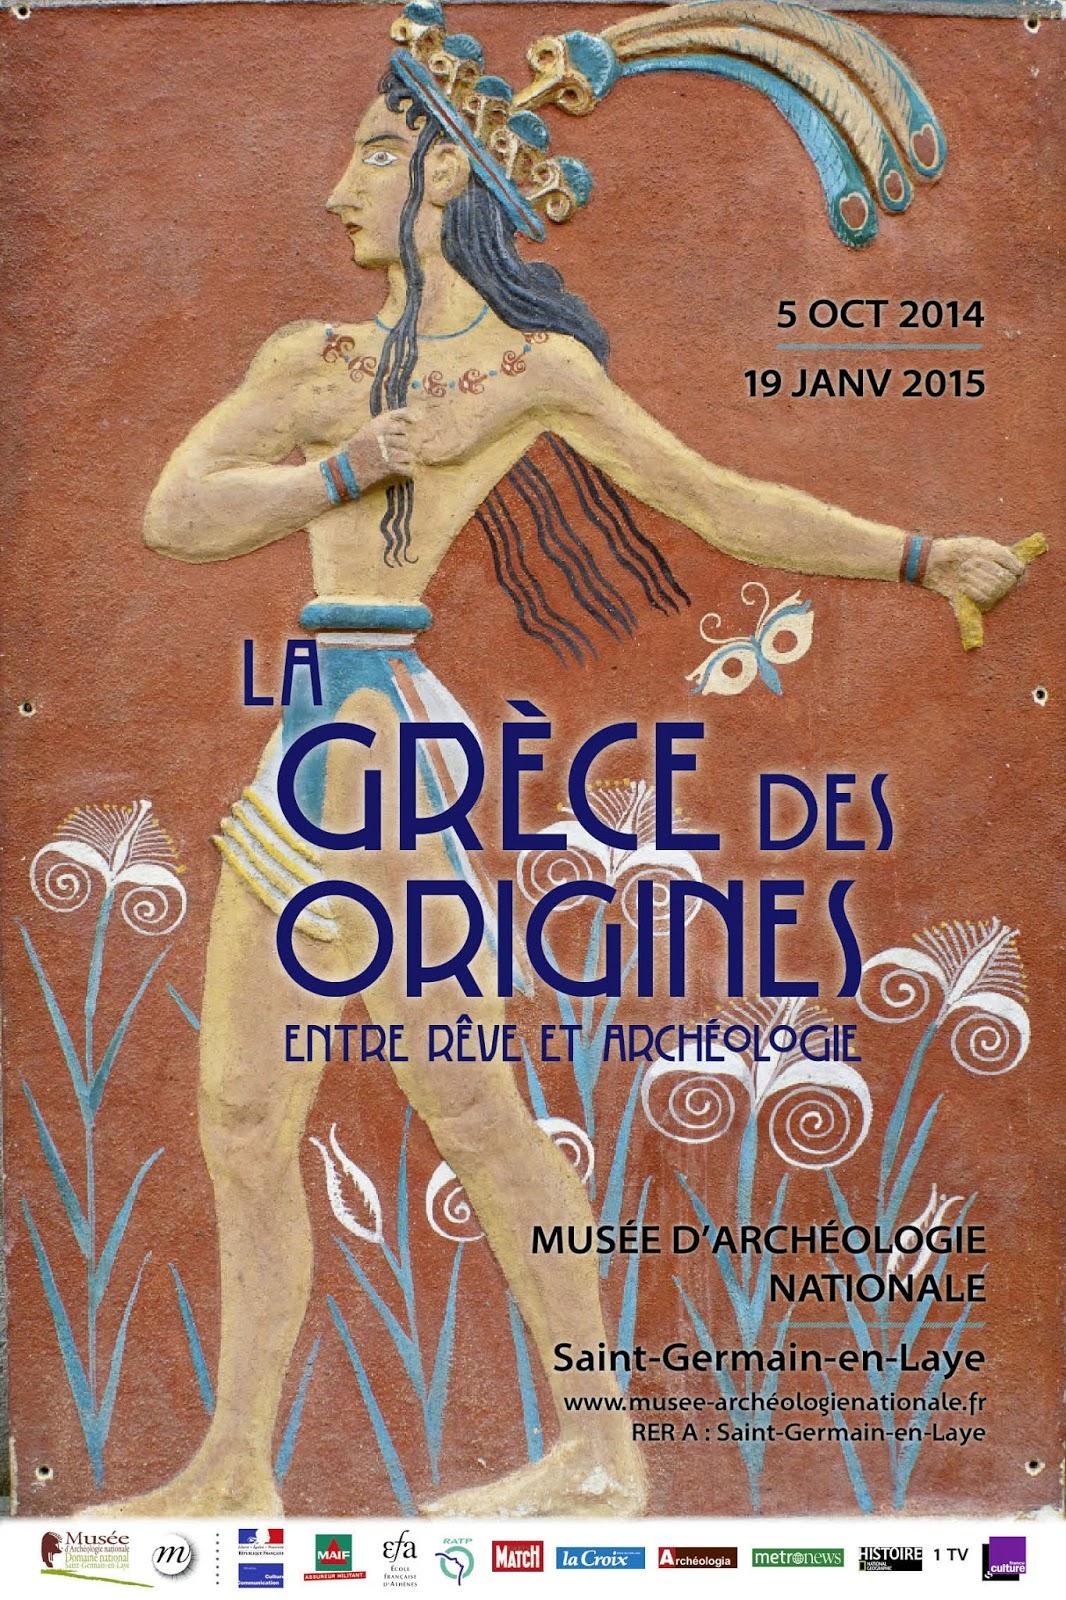 http://musee-archeologienationale.fr/actualite/expositions/la-grece-des-origines-entre-reve-et-archeologie